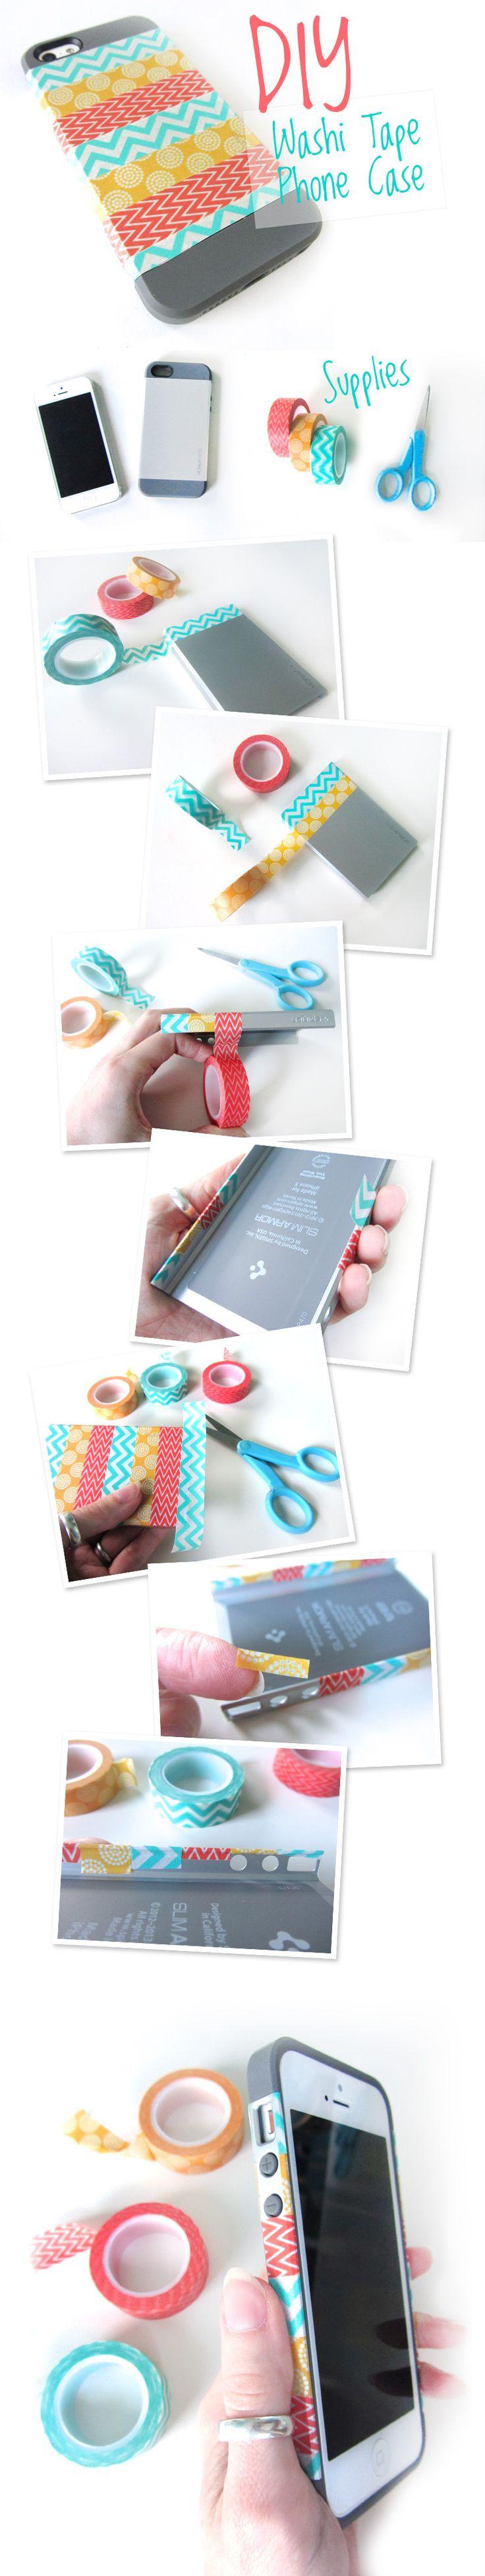 DIY Washi Tape téléphone cellulaire